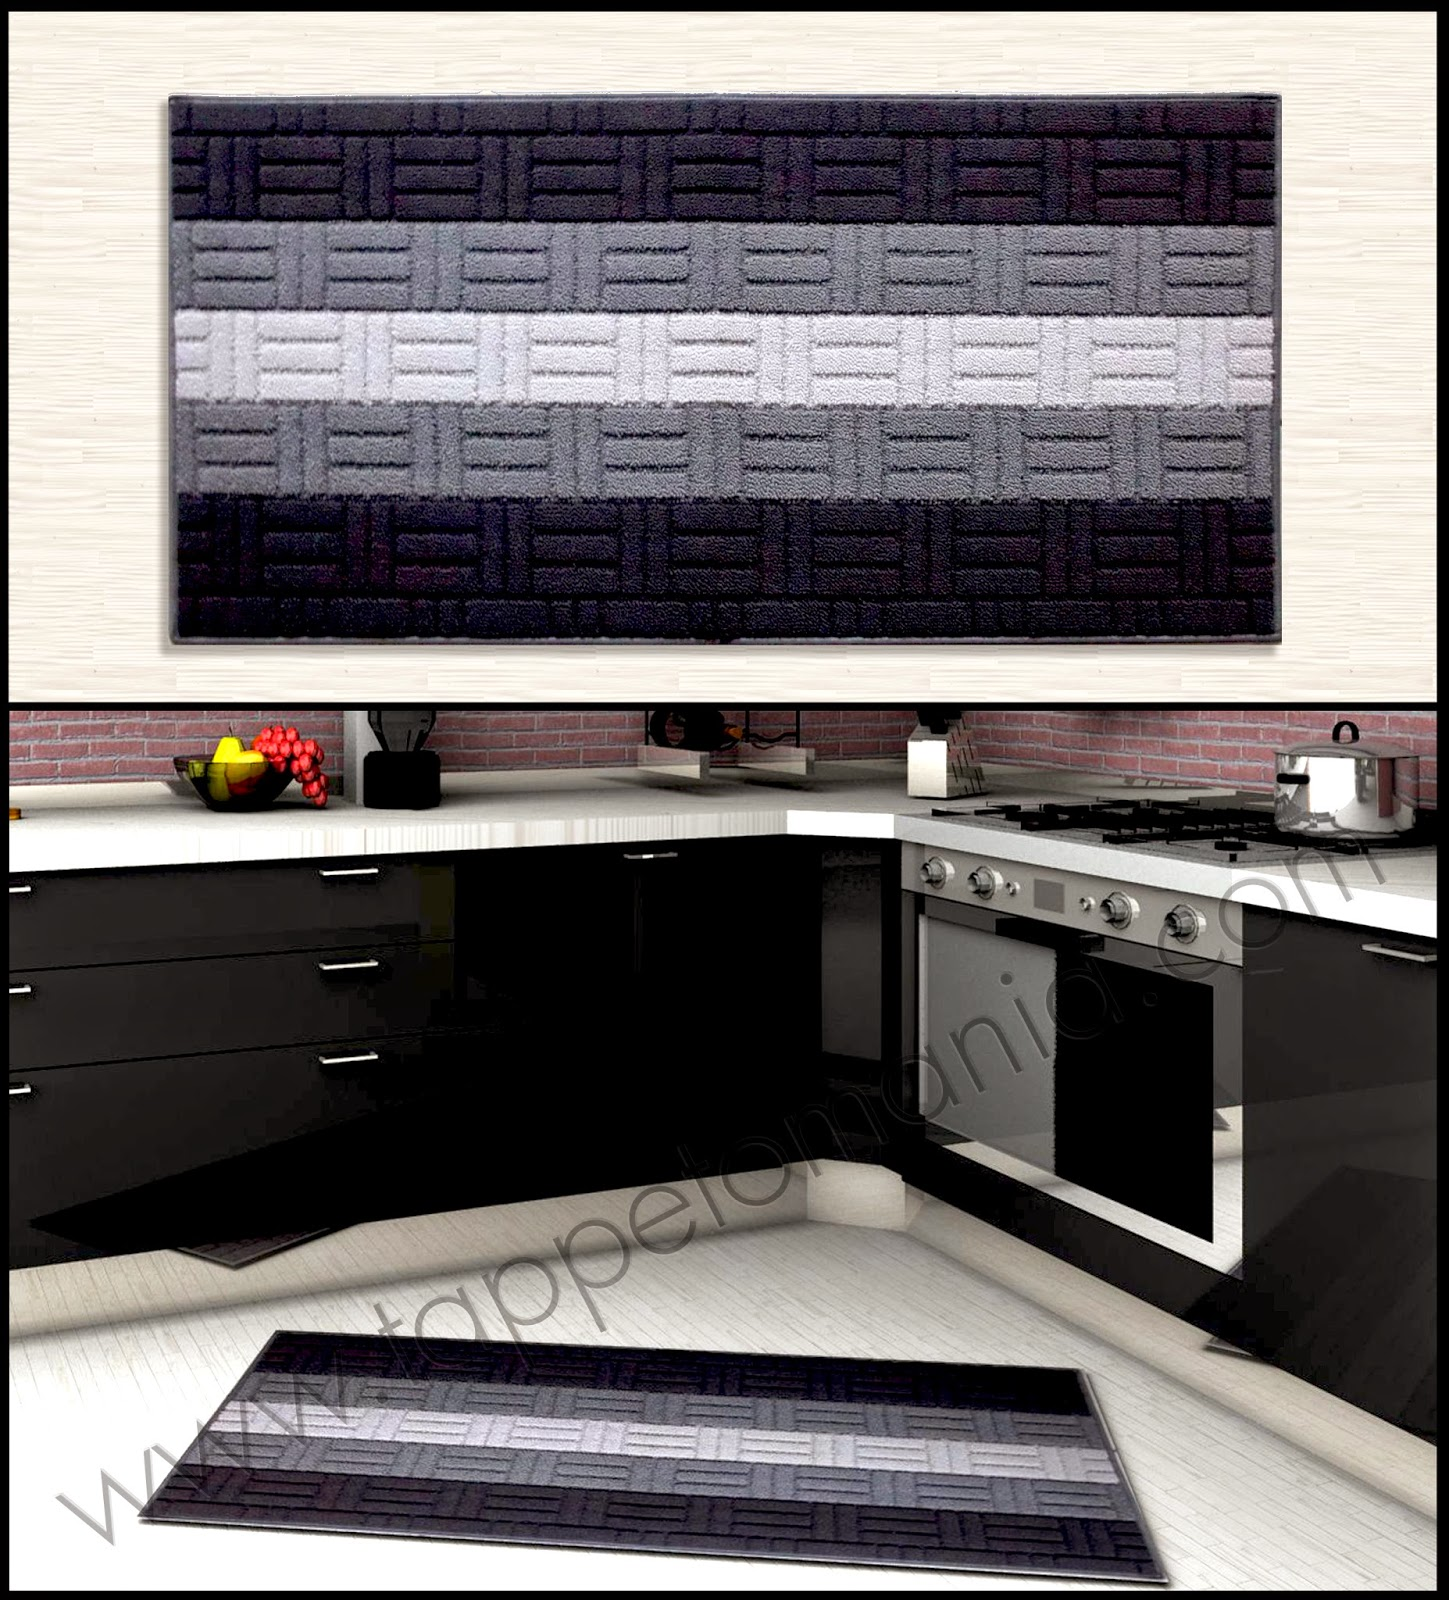 Stuoie per cucina tappeti passatoie tappeti bamboo - Tappeti per cucina moderni ...